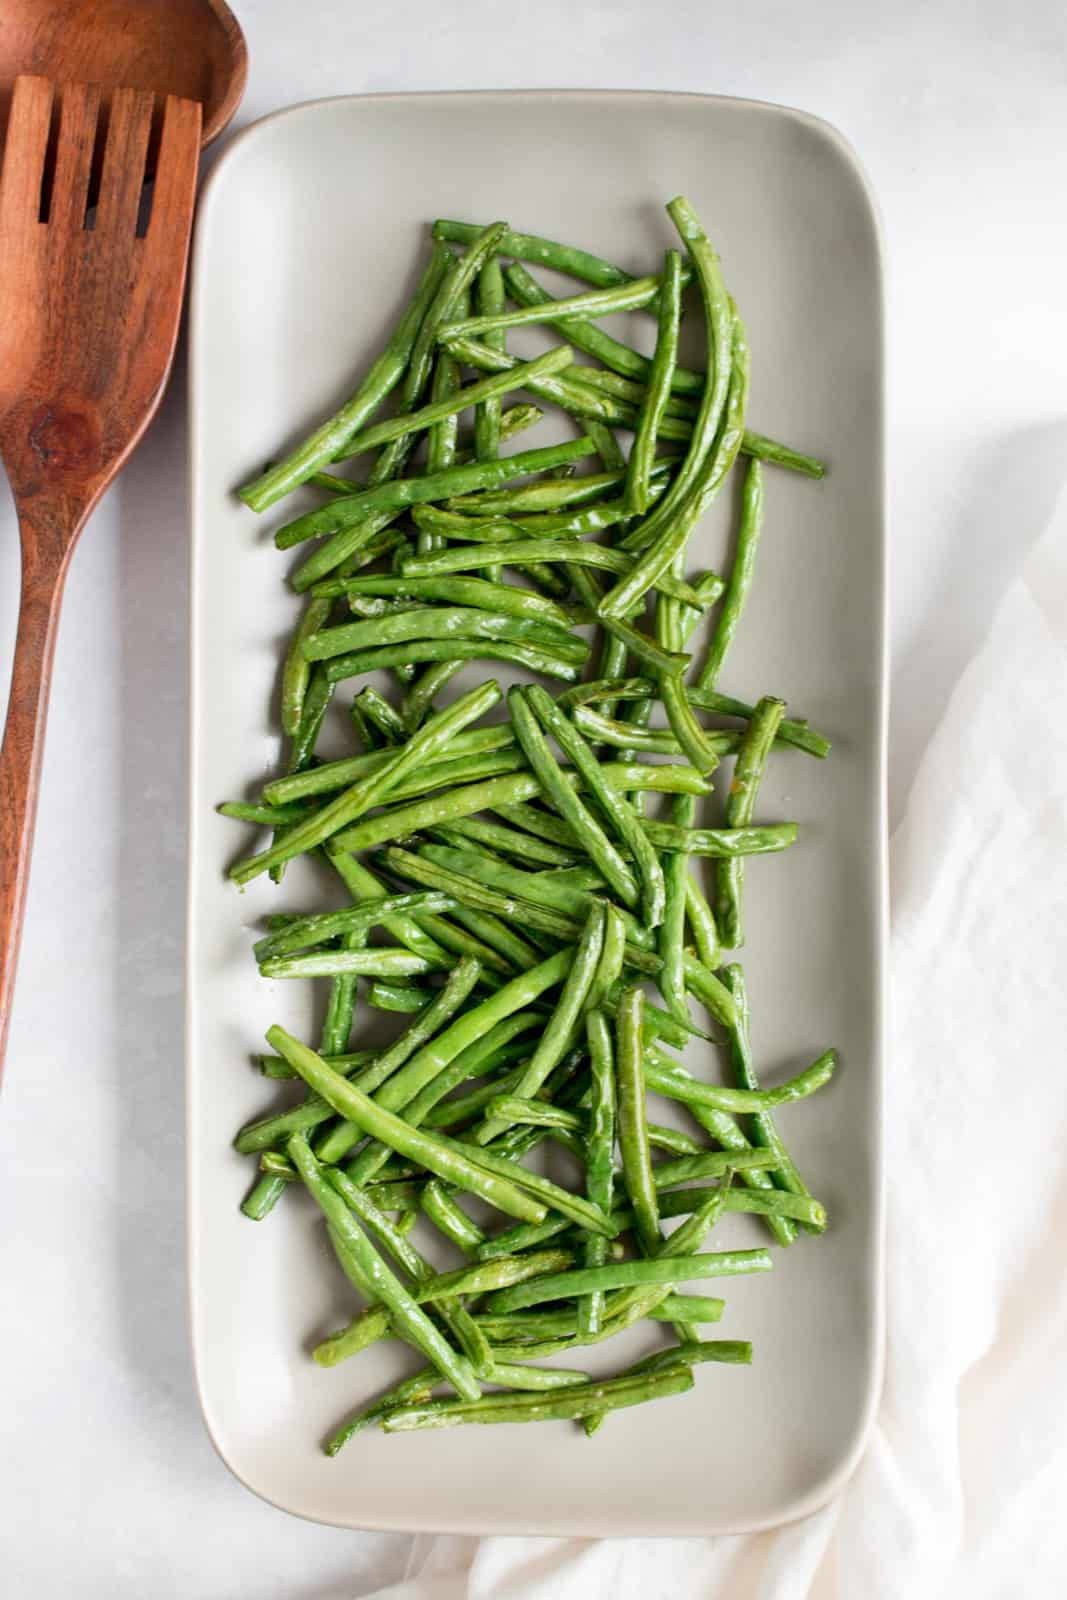 Overhead view of a platter of air fryer green beans.